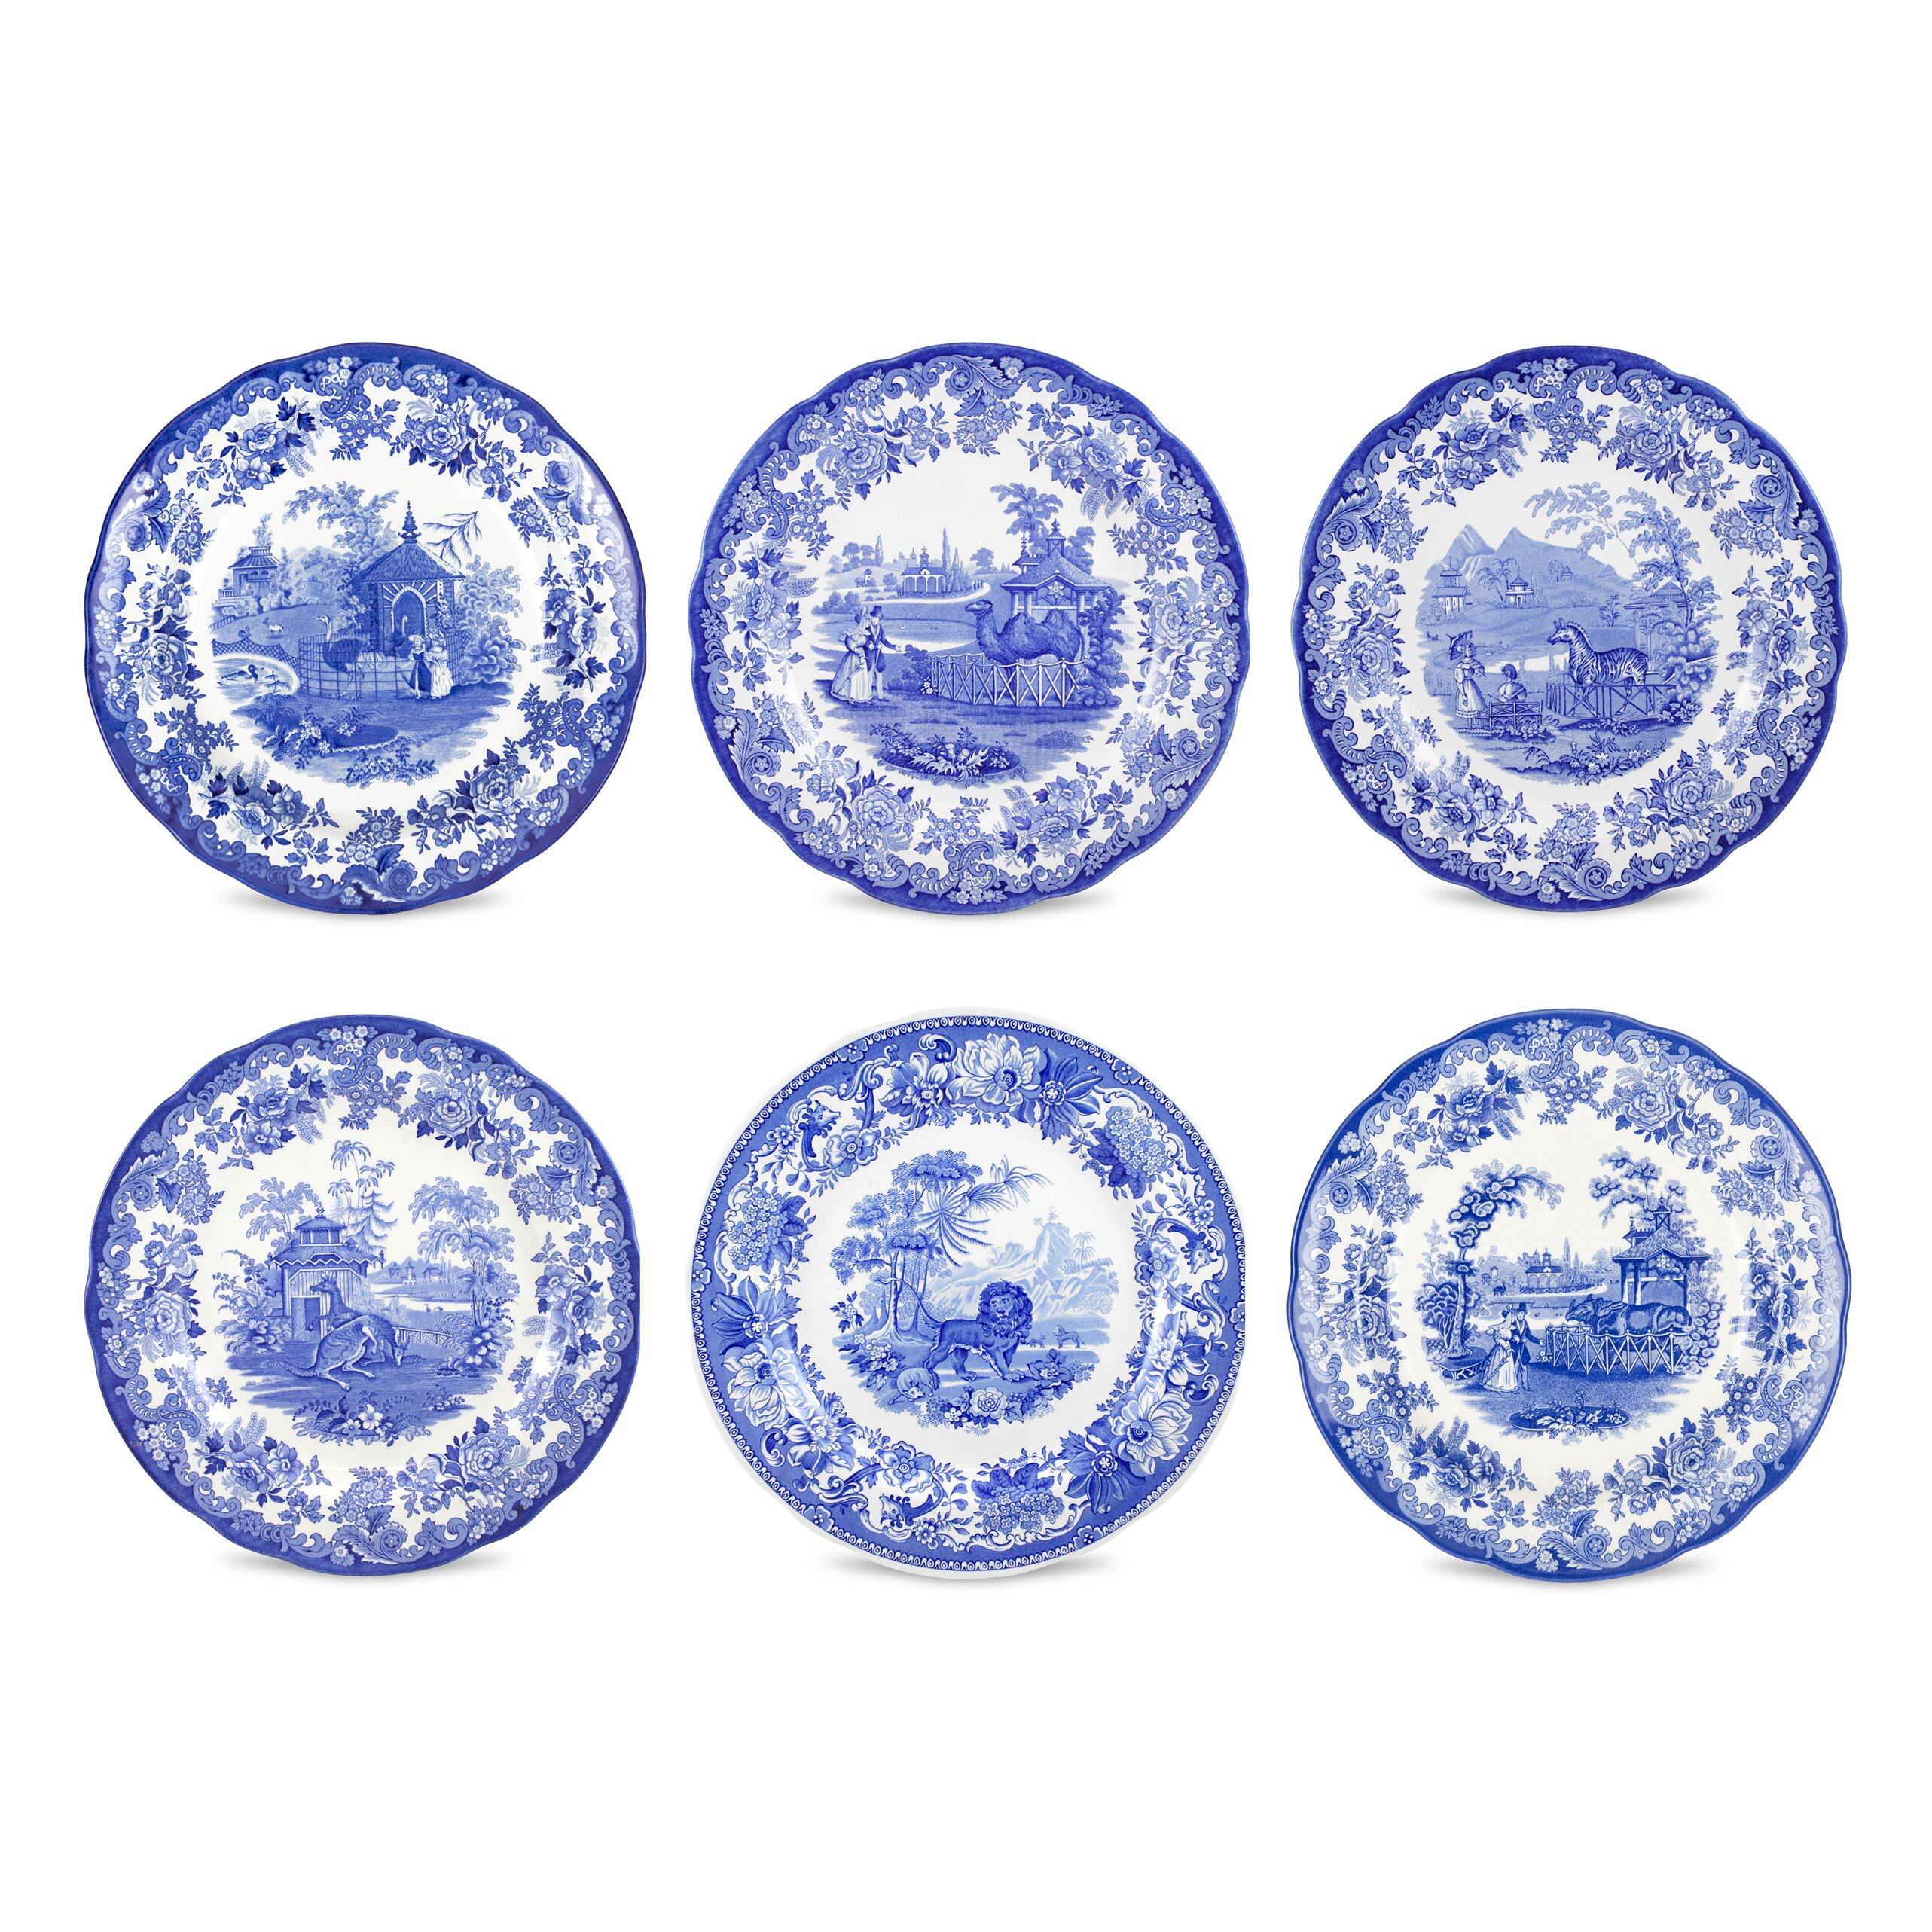 Spode Blue Room Floral Plate